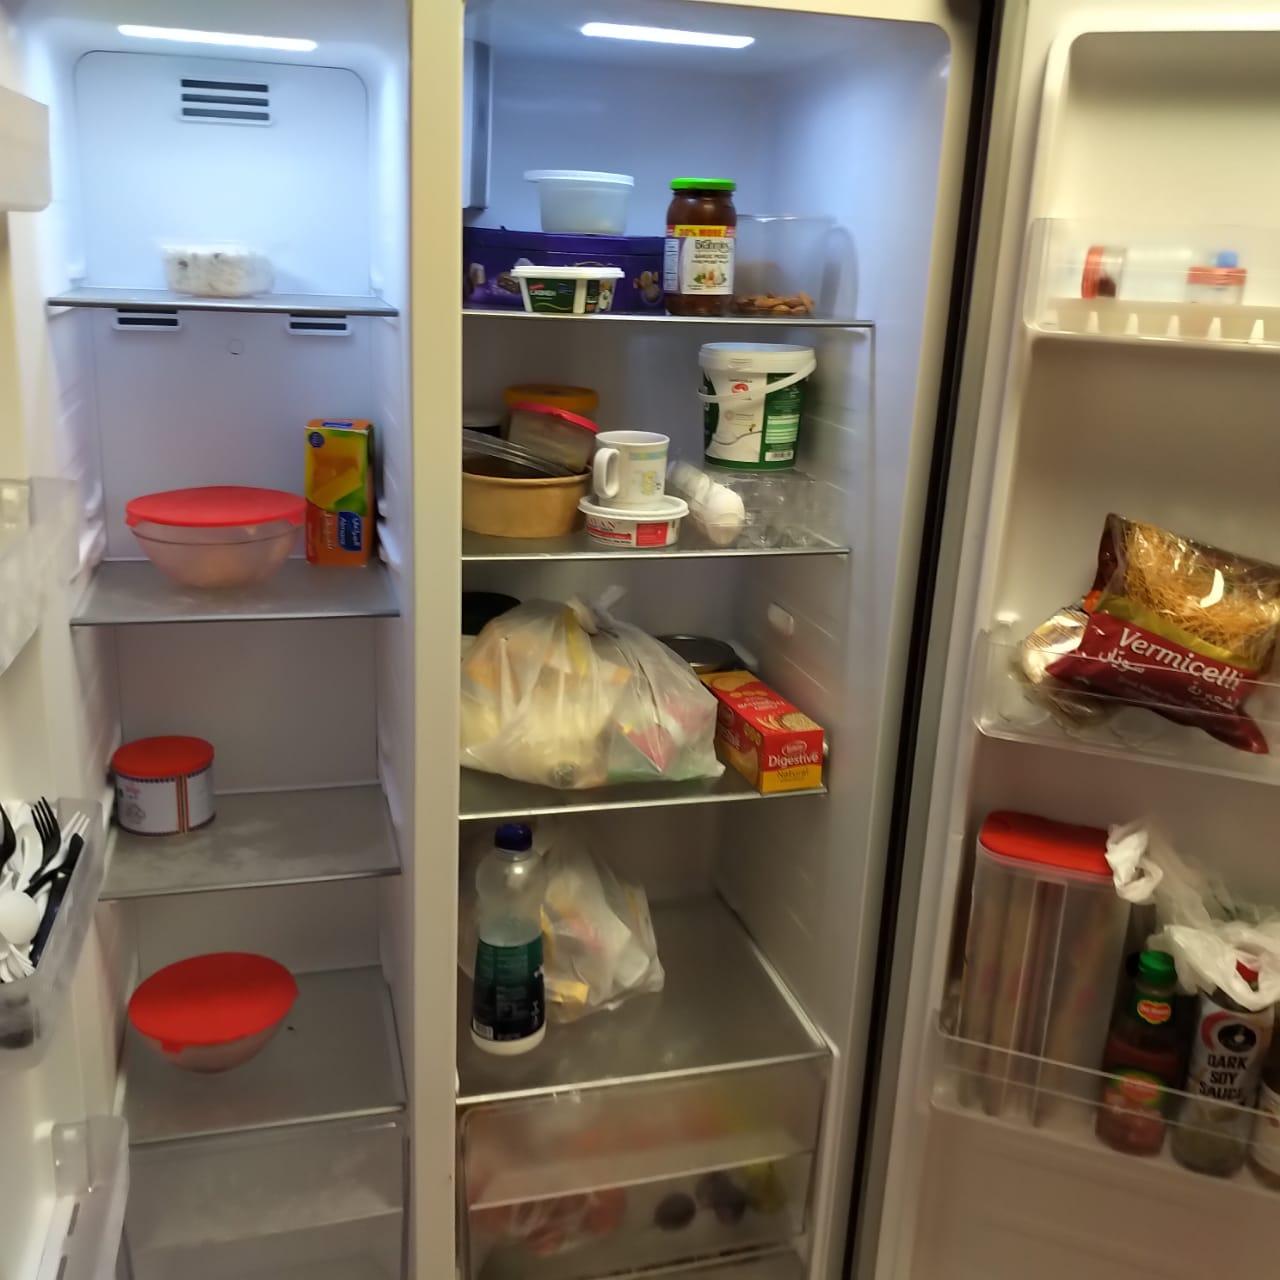 Refrigerator  - Super General - Image 6.jpeg